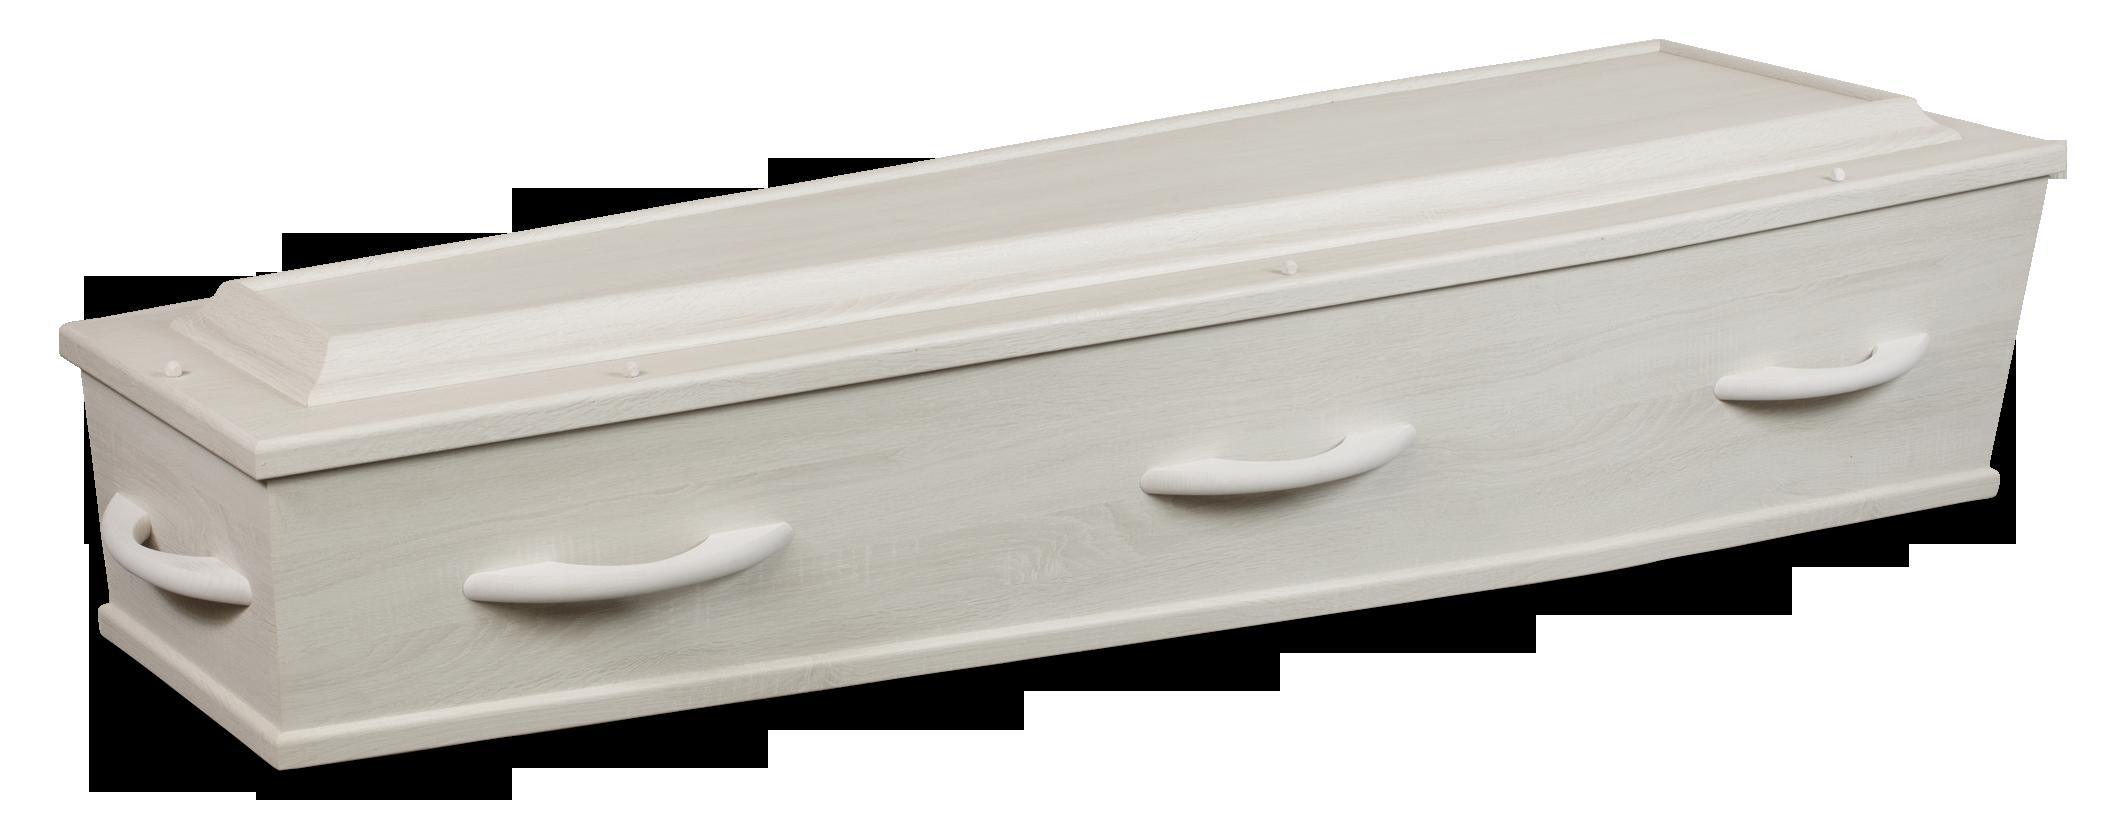 uitgebreid pakket witte wax kist met verhoogd deksel